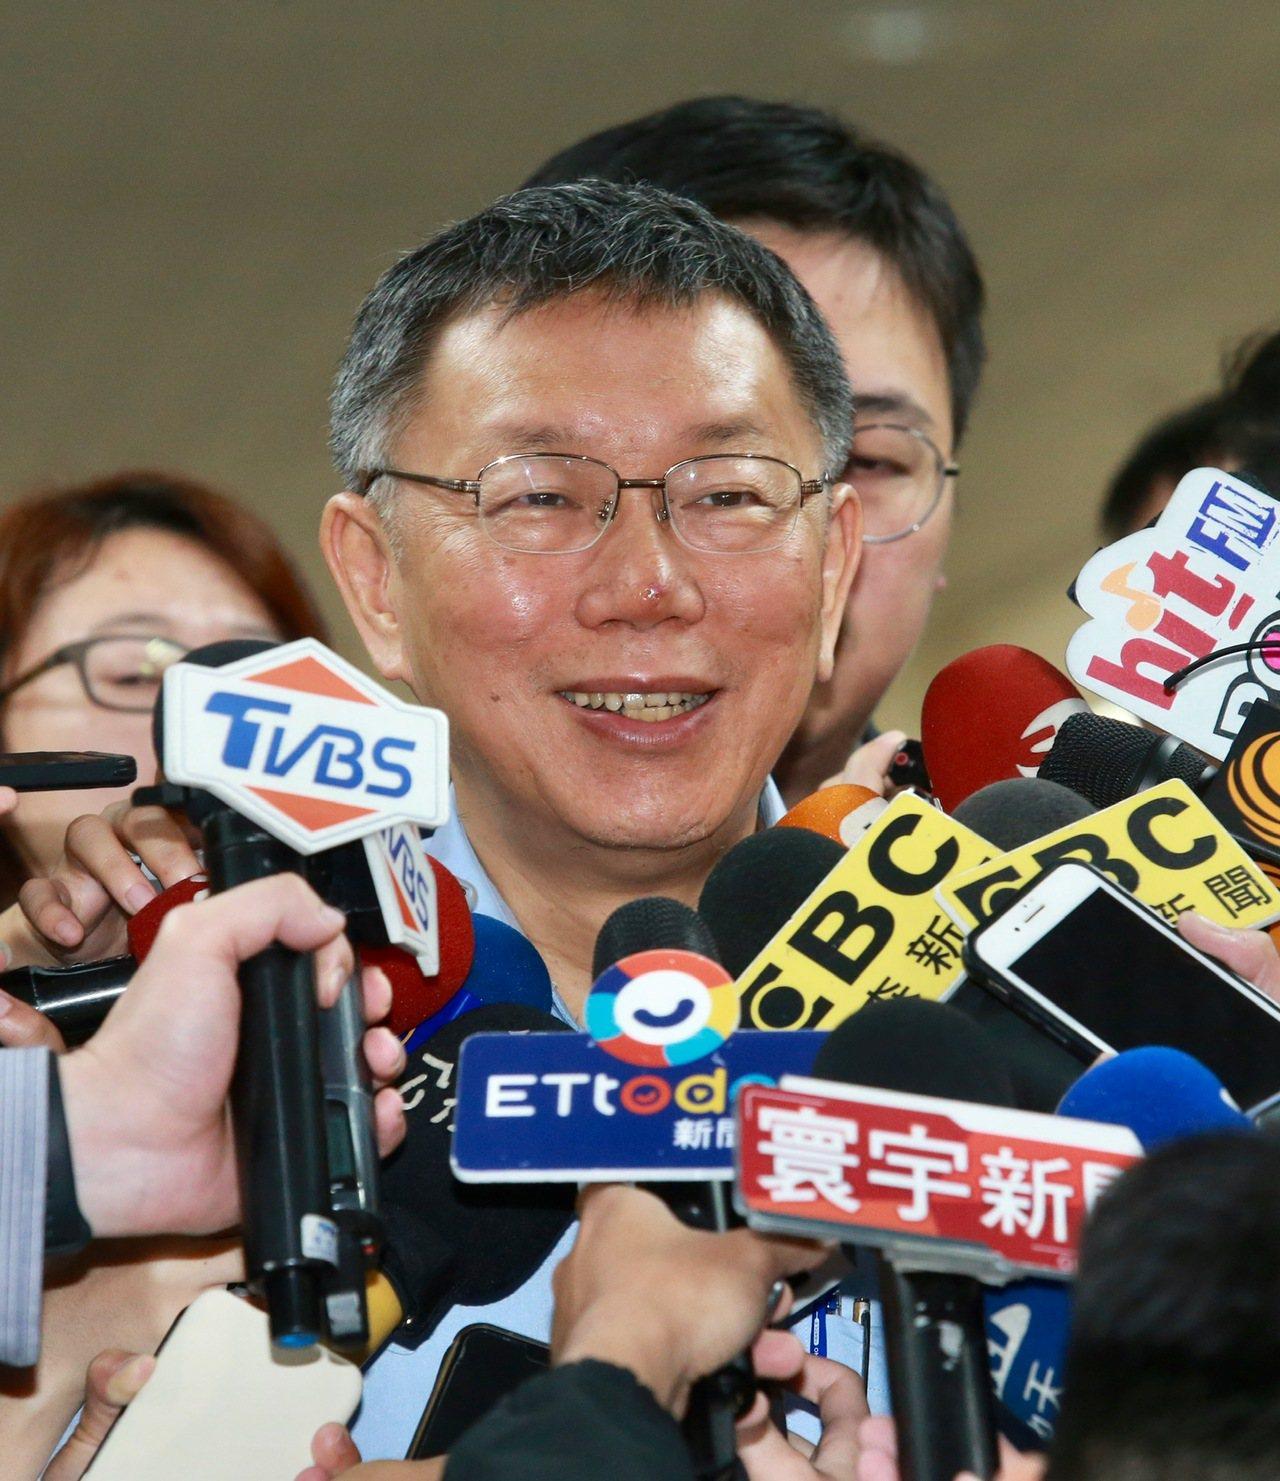 上海市台辦主任李文輝上午前往台北市政府拜會市長柯文哲(圖),柯會後受訪表示,兩岸...